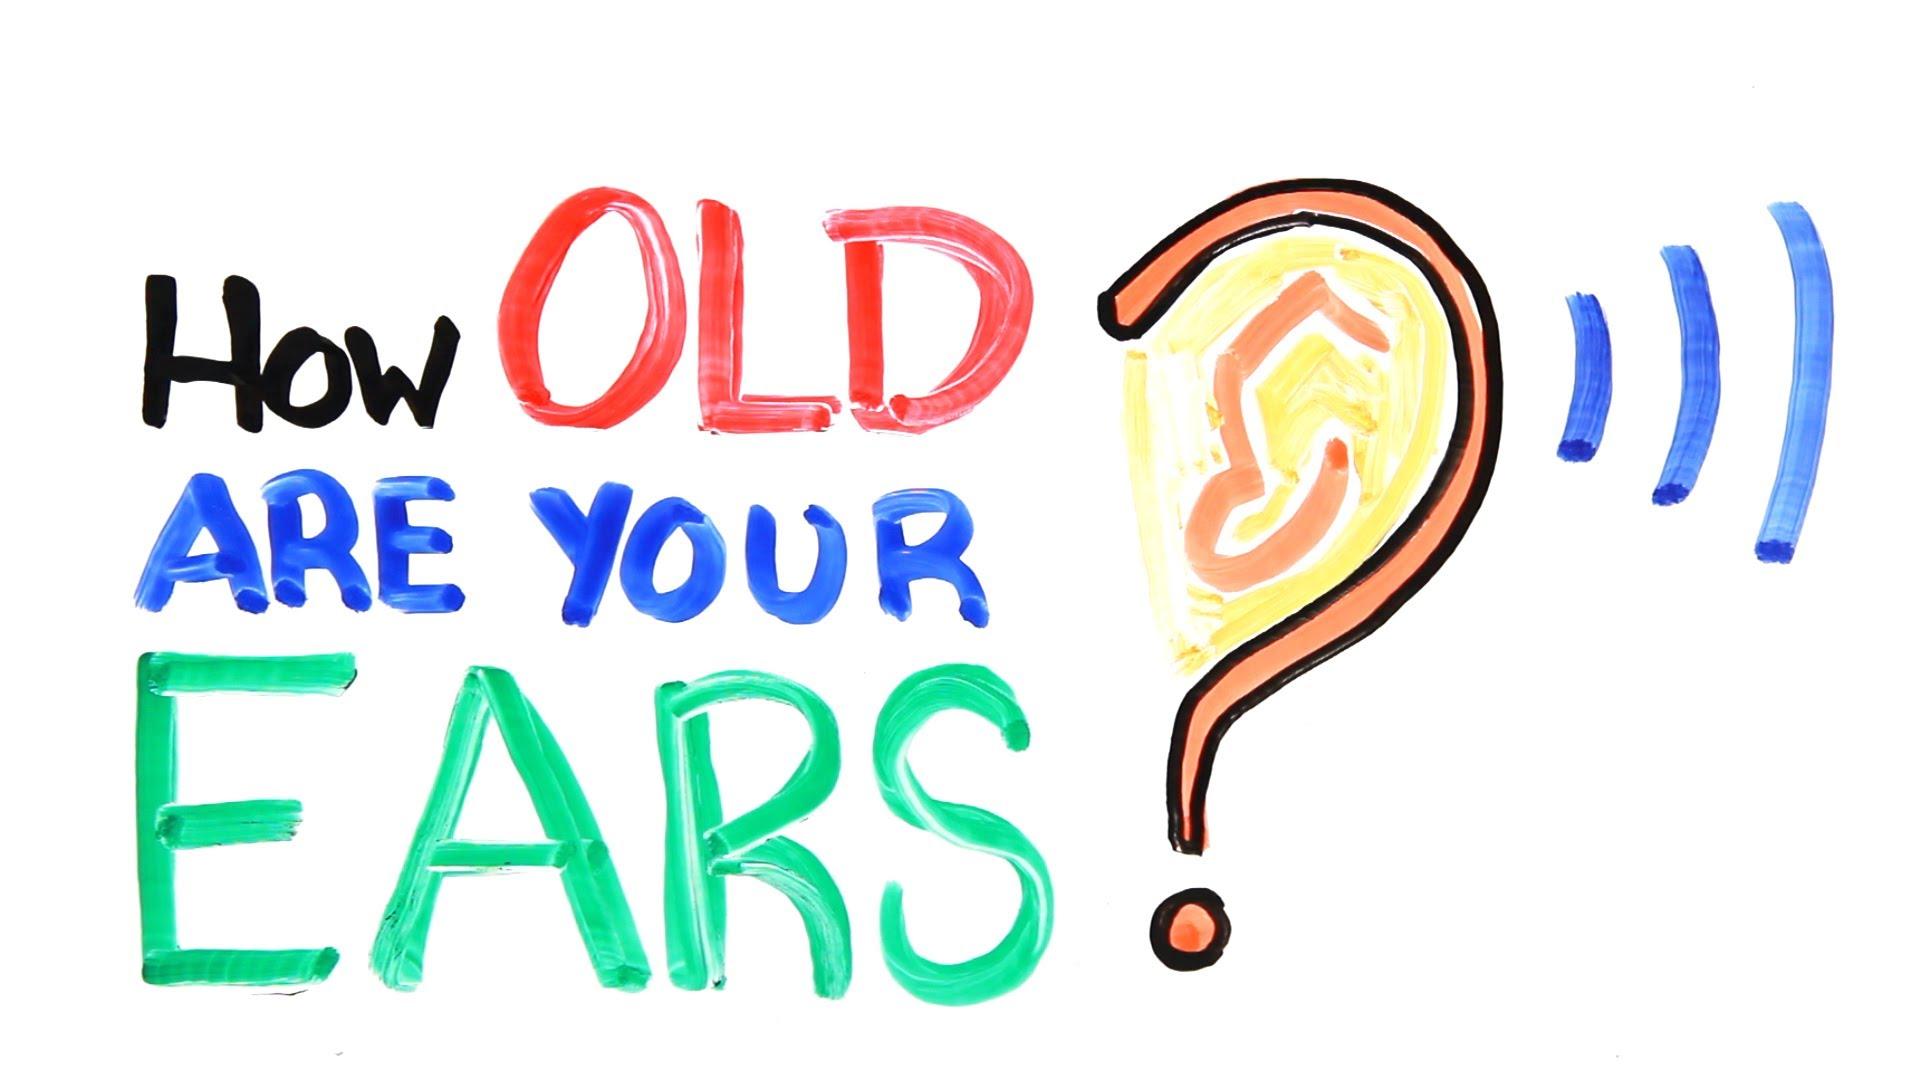 授業で見せたい動画27「HOW OLD ARE YOUR EARS?」